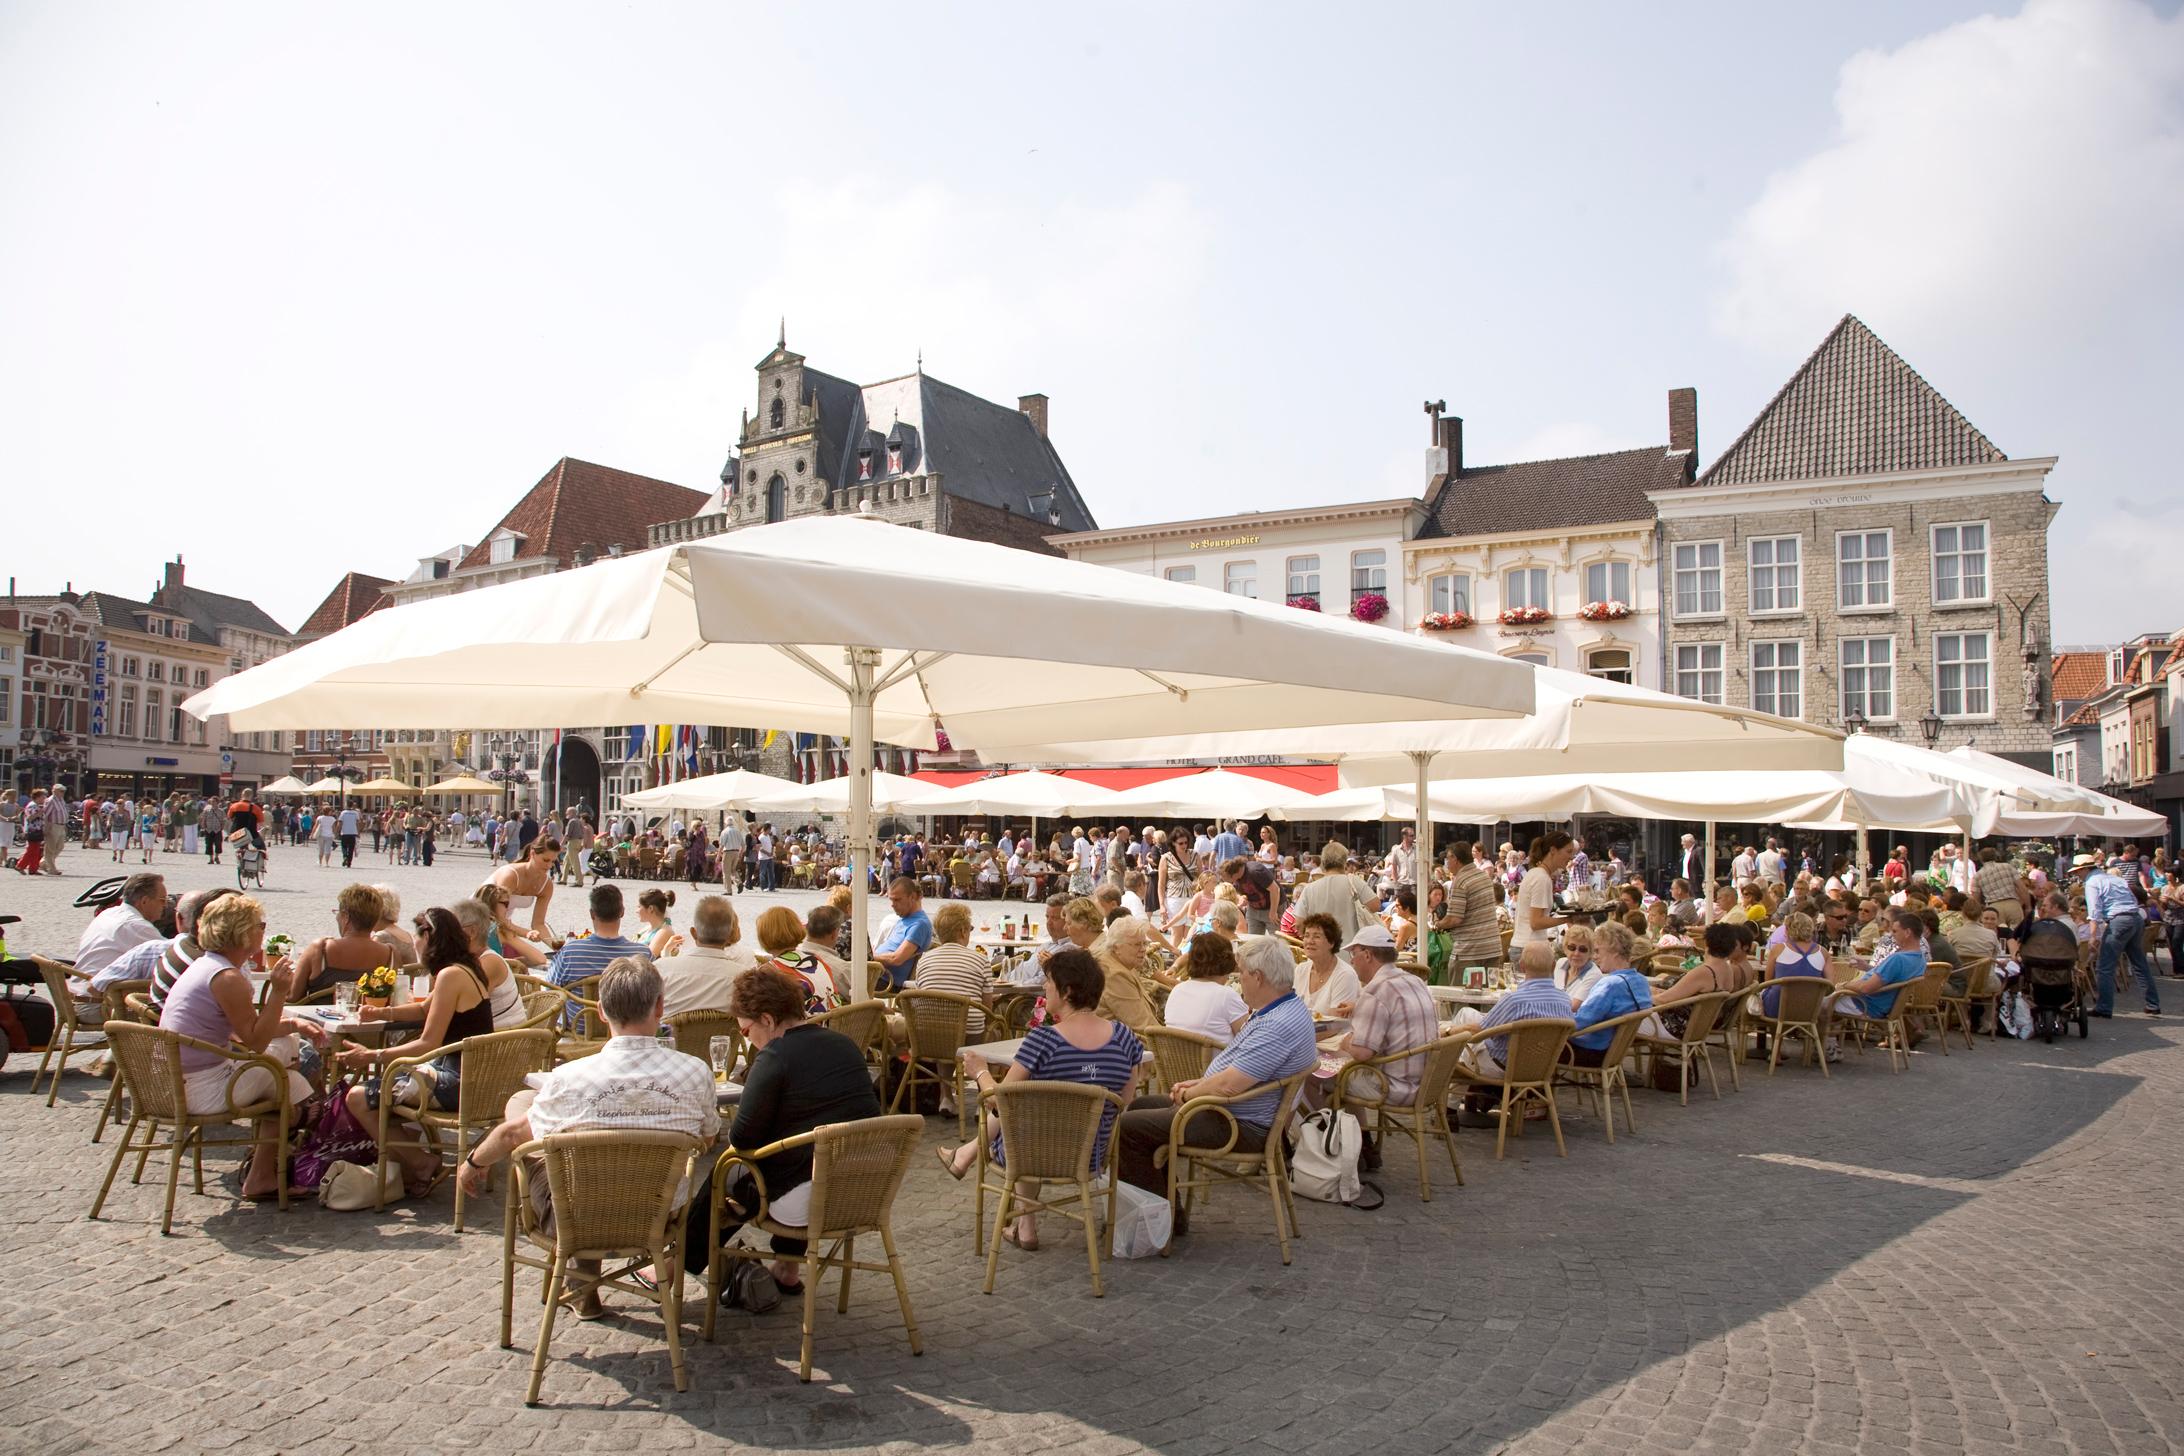 #95593623659372 Win Je Eigen Terras In Bergen Op Zoom! TravelNext betrouwbaar Design Meubels Bergen Op Zoom 2067 afbeelding opslaan 218414562067 Idee